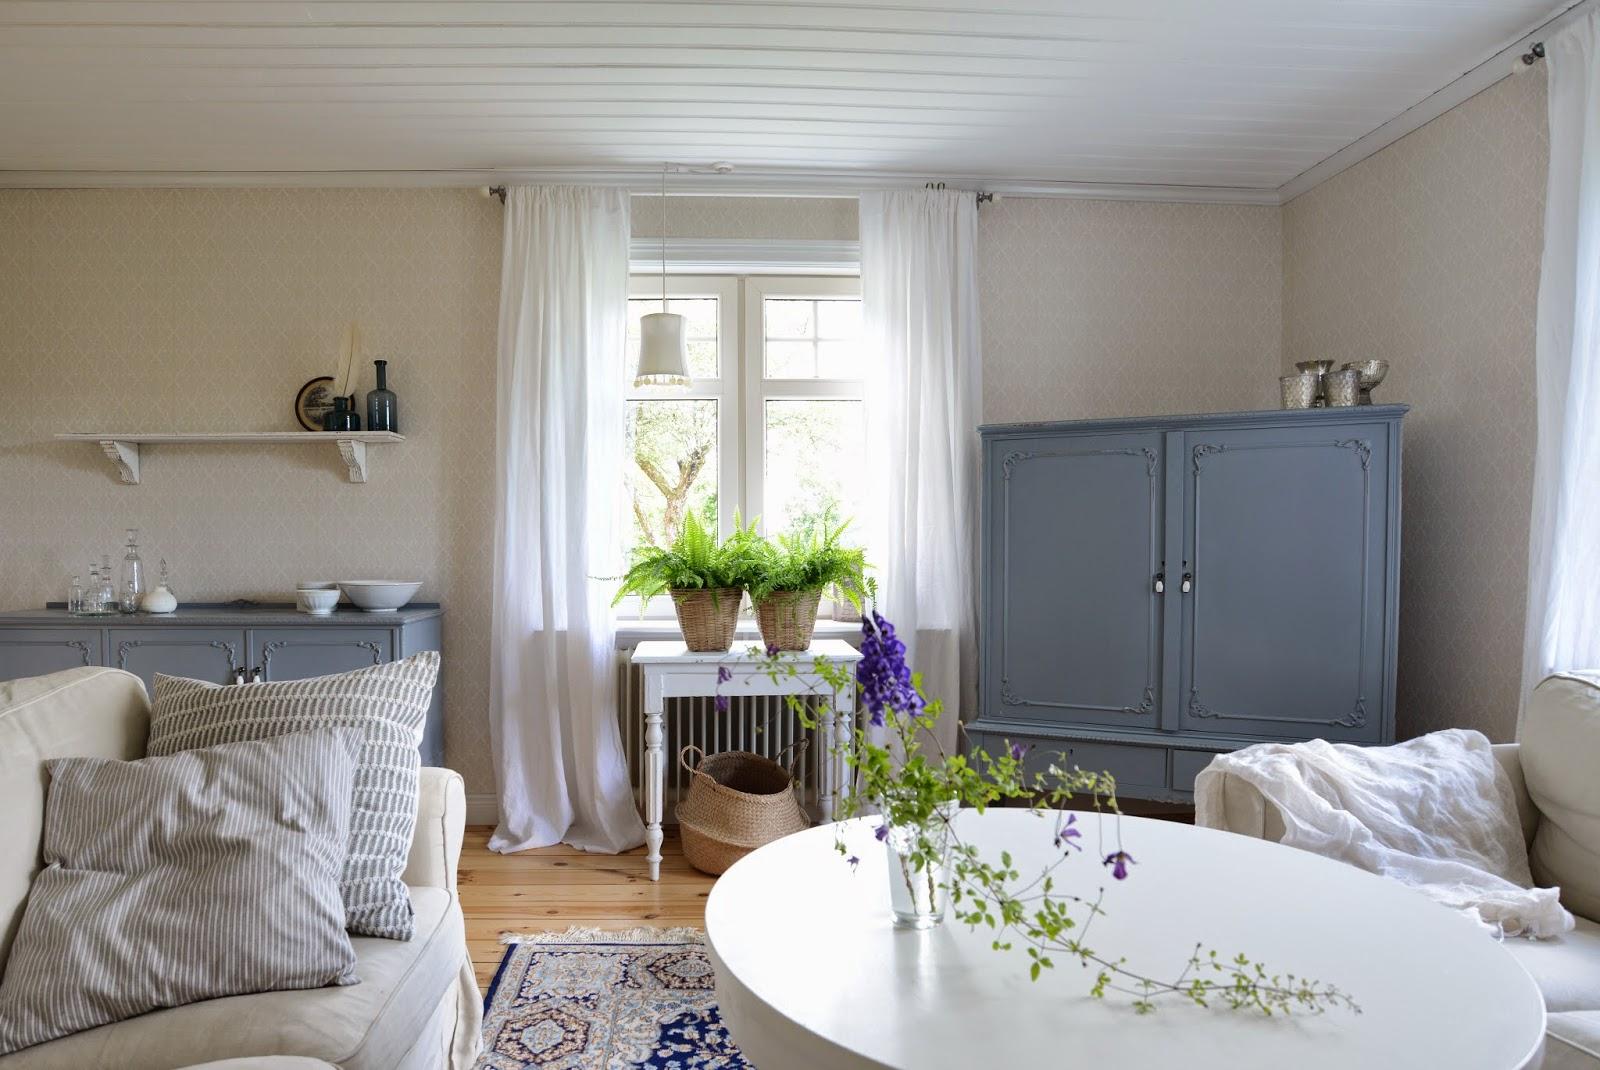 Add: design / anna stenberg / lantligt på svanängen: var dags rum